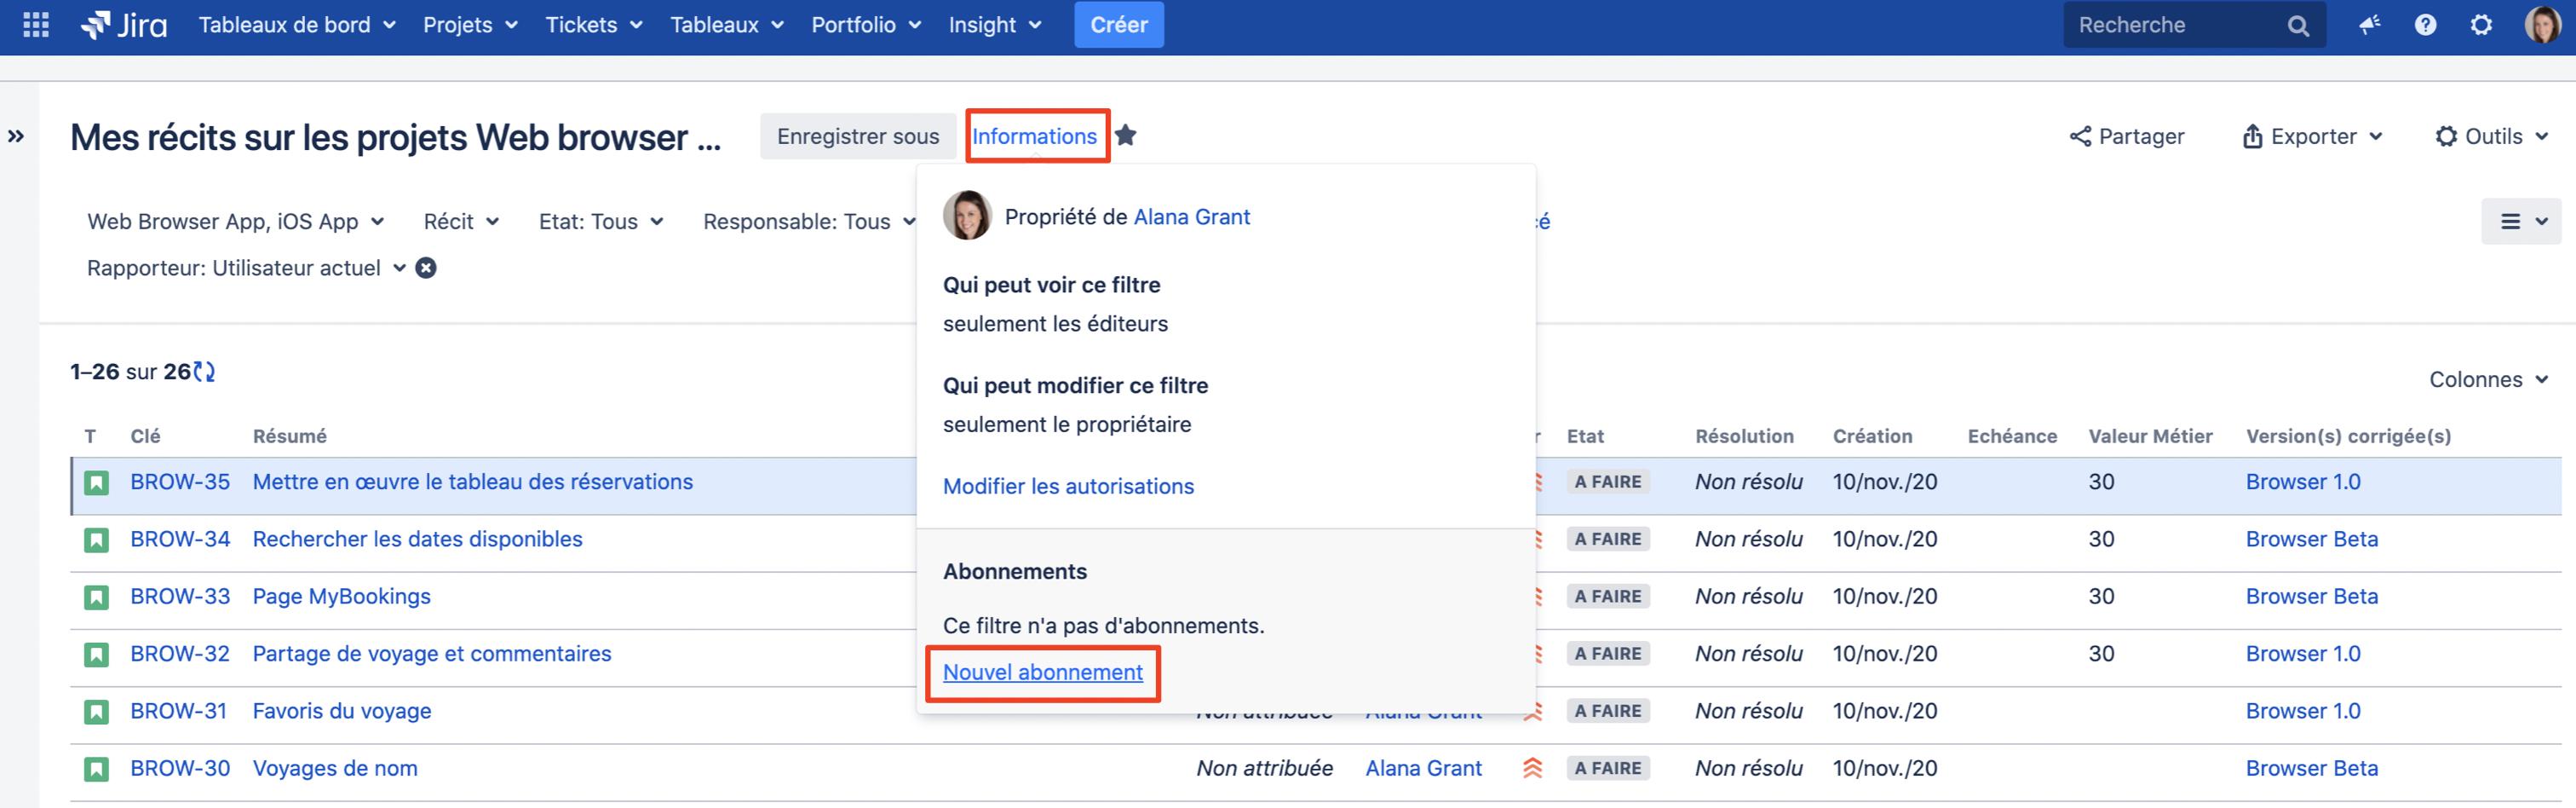 Recherche dans Jira : Abonnement à un filtre